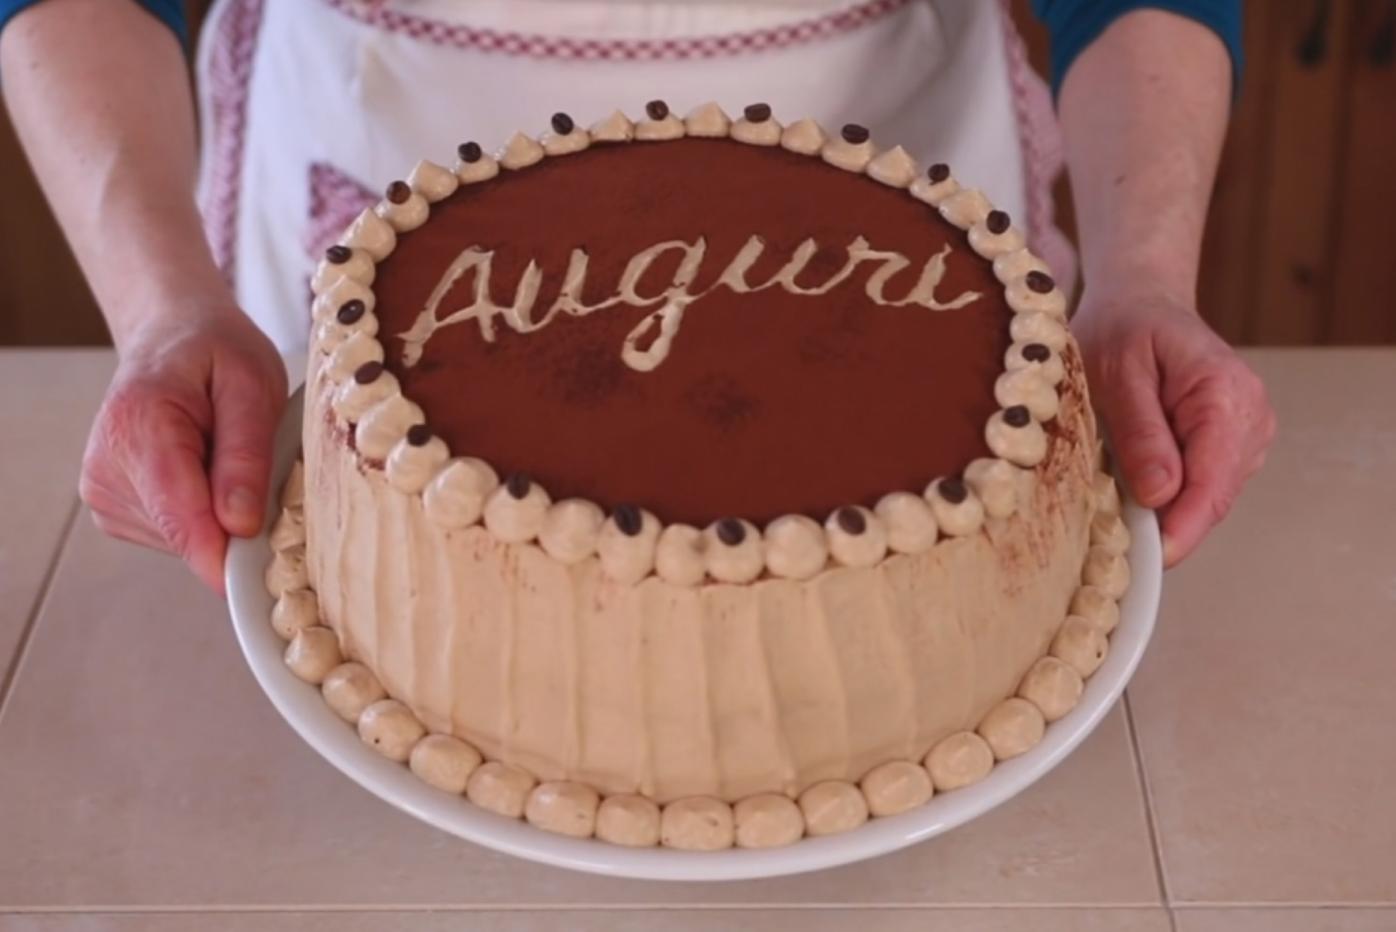 Torte Di Compleanno Mille Idee E Ricette Facili Fatto In Casa Da Benedetta Torte Di Compleanno Torte Di Compleanno Fatte In Casa Ricette